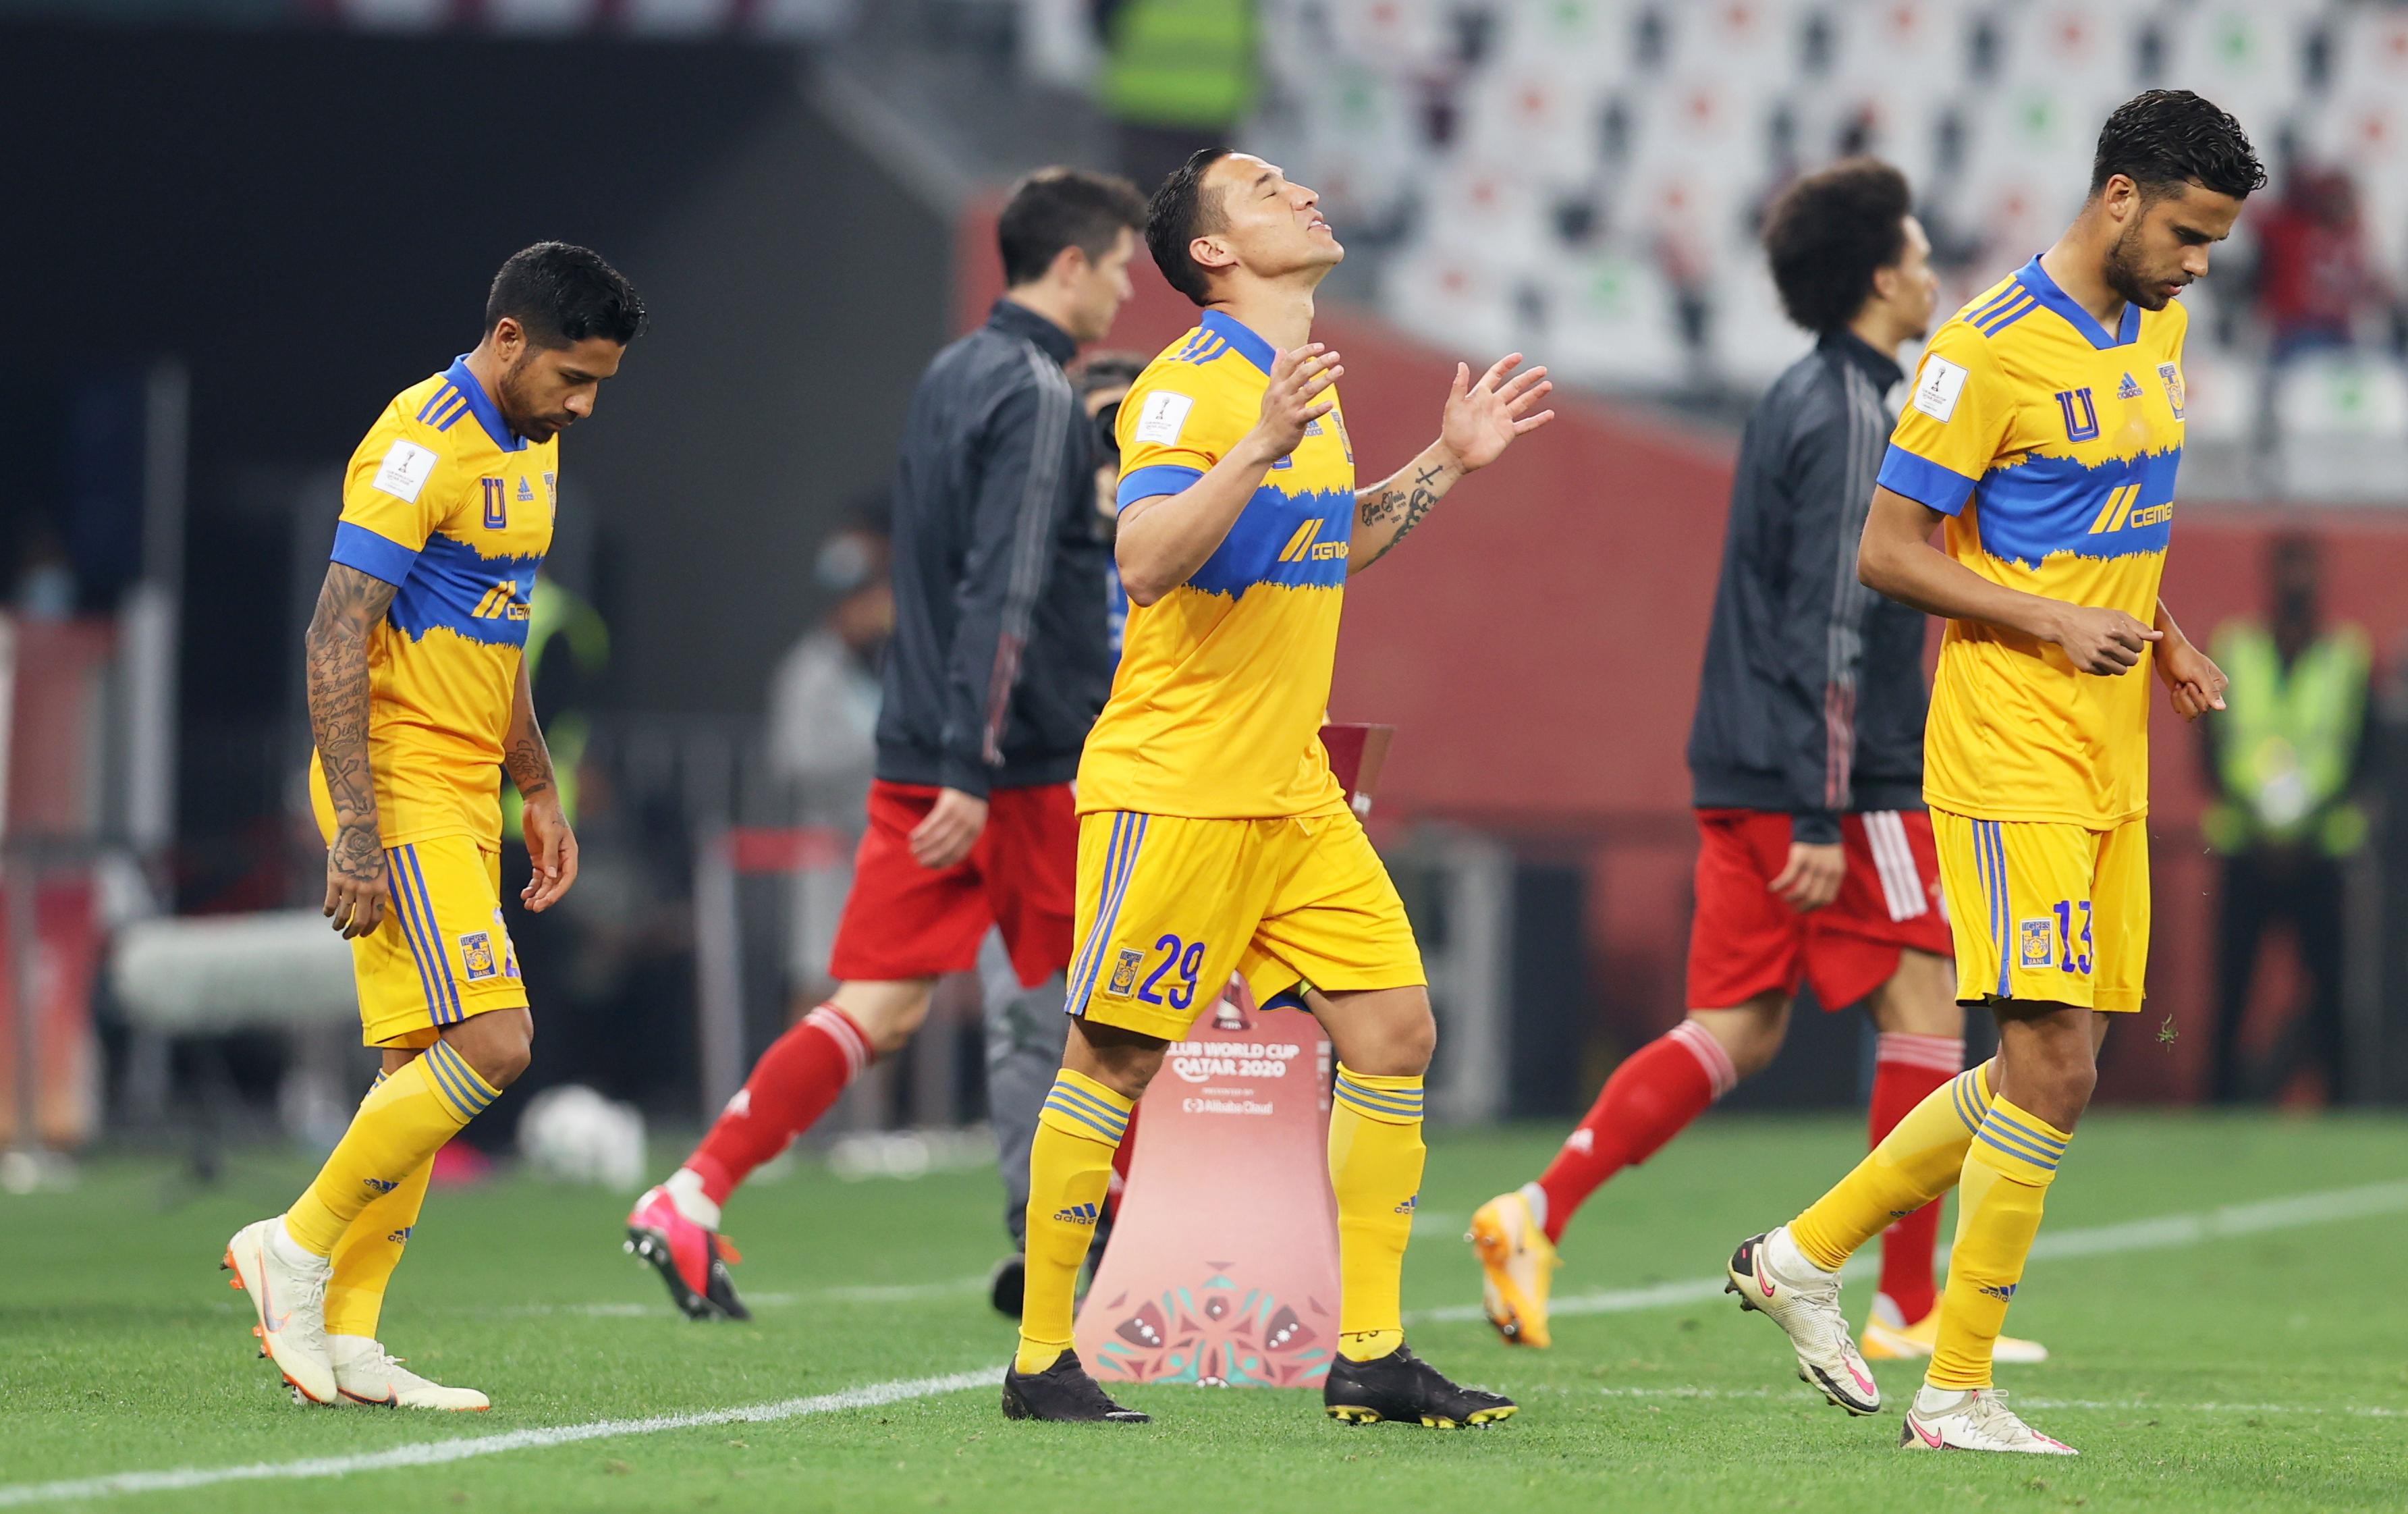 Jesus Duenas de los Tigres entrando al juego. Estadio Ciudad de la Educación en Rayán, Catar